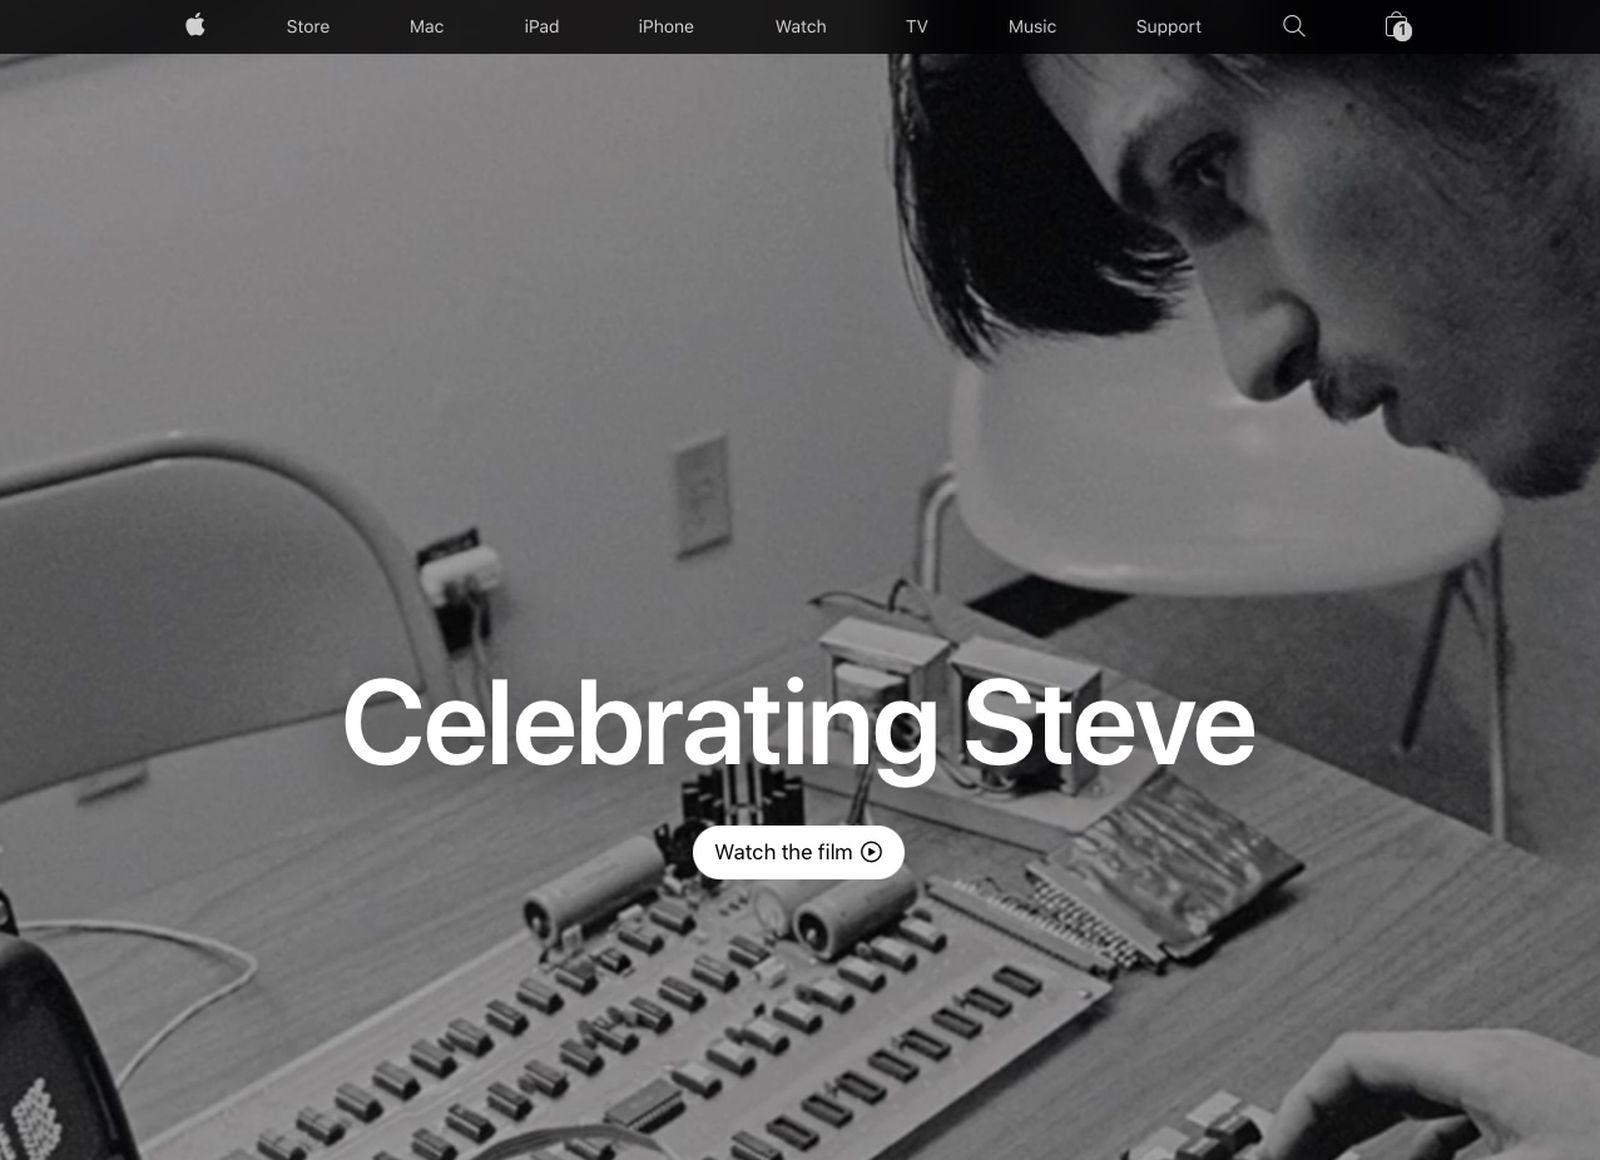 اپل در دهمین سالگرد درگذشت استیو جابز، صفحه اصلی وبسایتش را به بنیانگذارش اختصاص داد